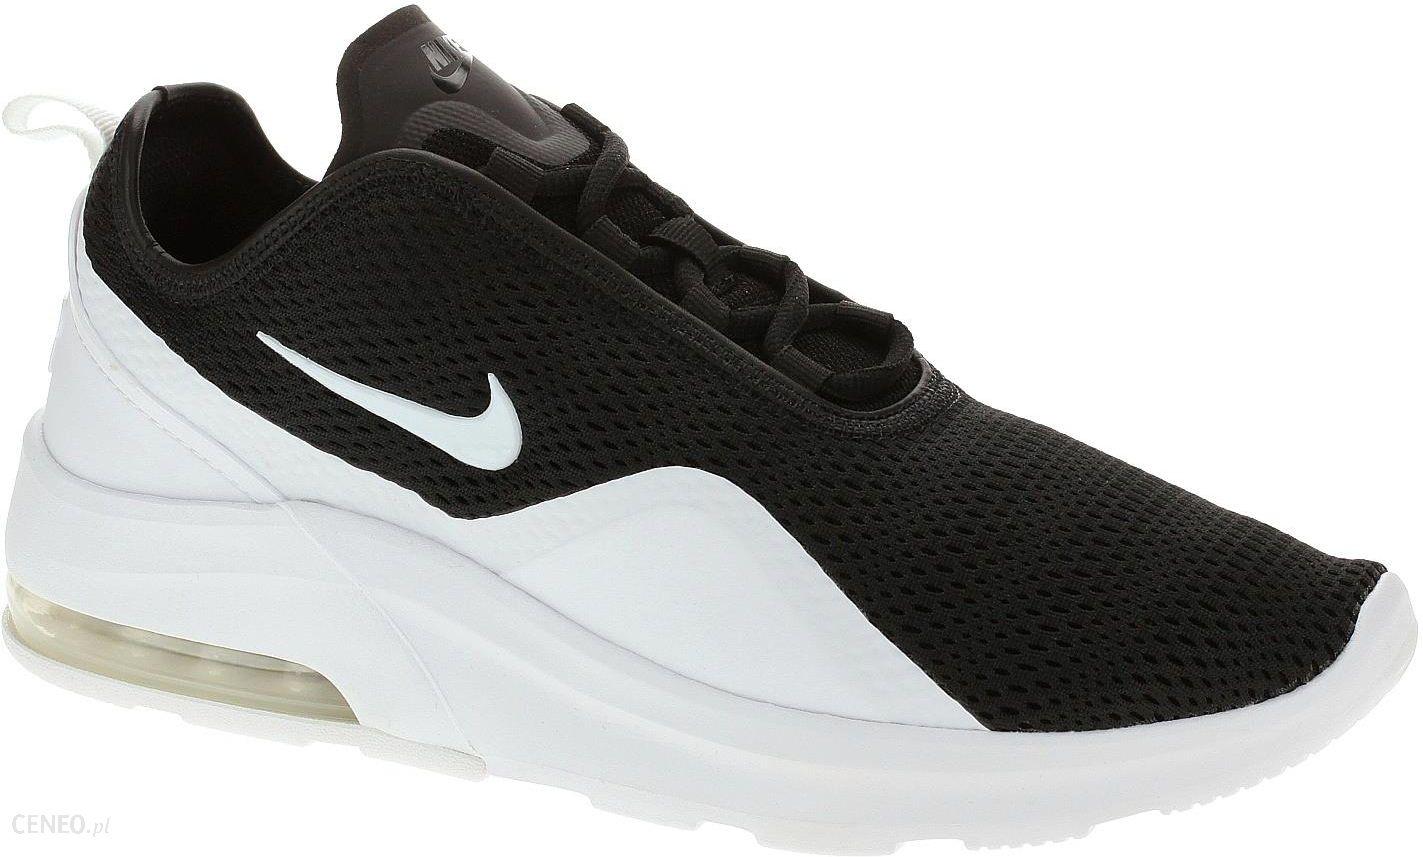 buty damskie nike air max z czarnym wzorem kropek